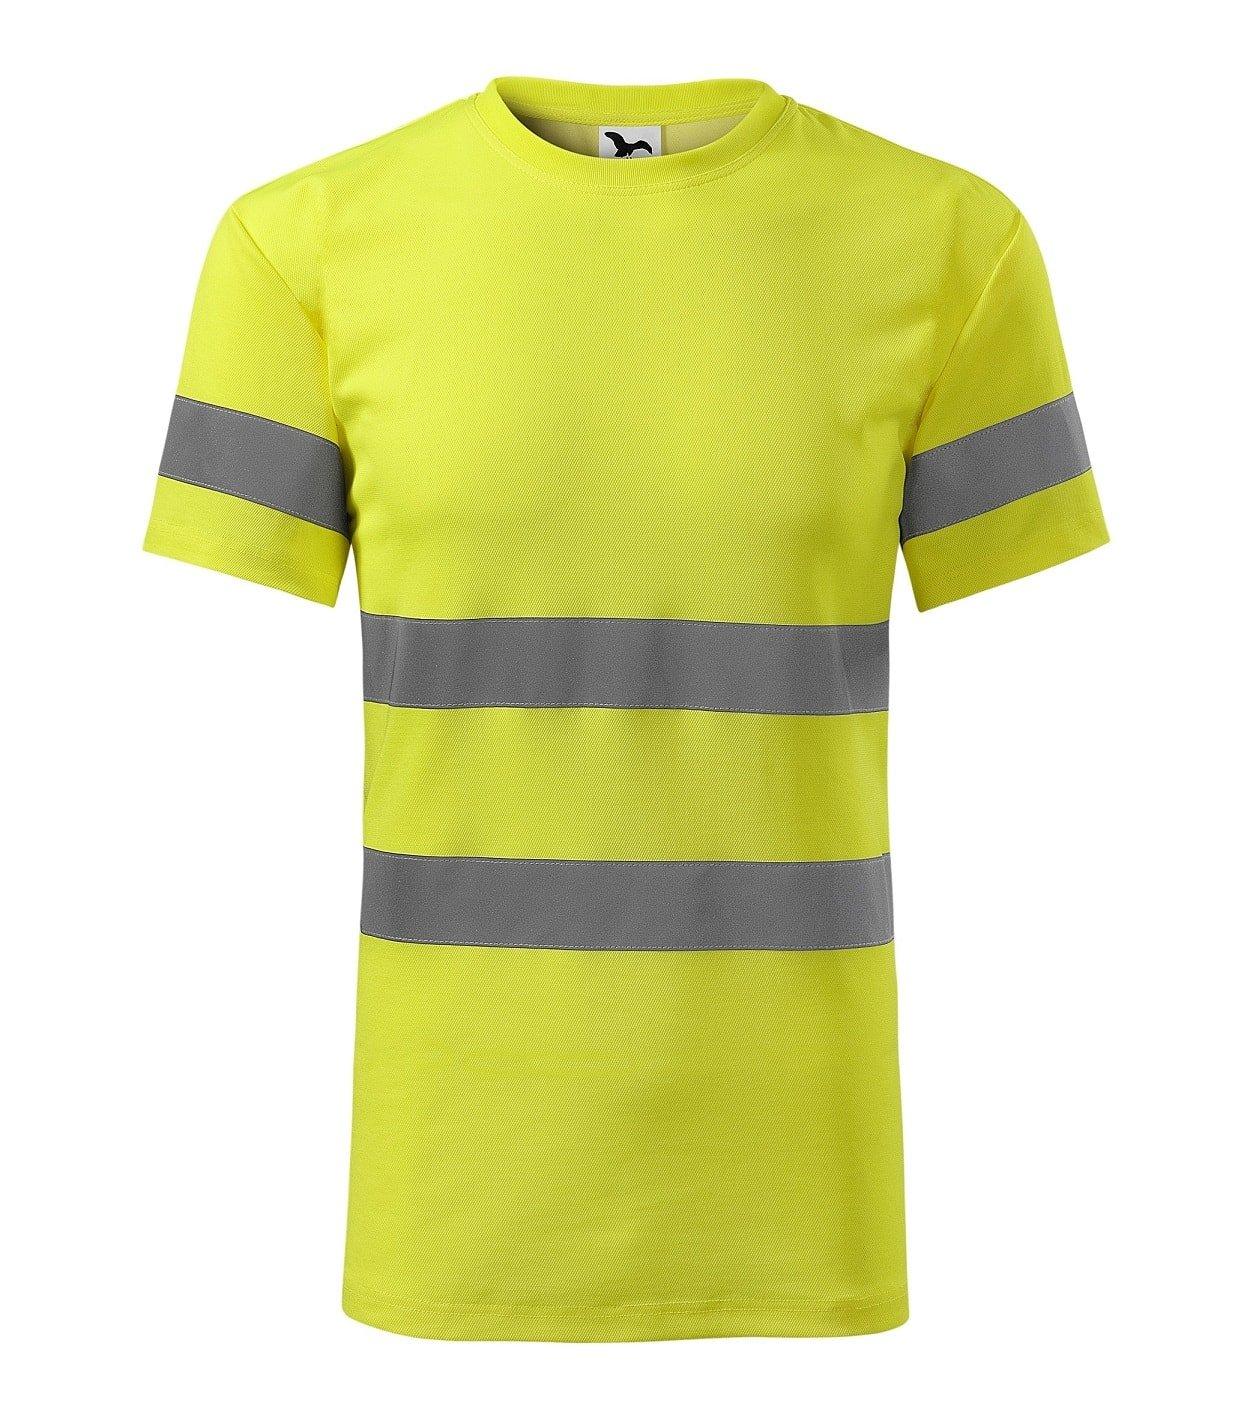 Custom Printed HI-VIS t-shirt, yellow, www.ontimeprint.co.uk